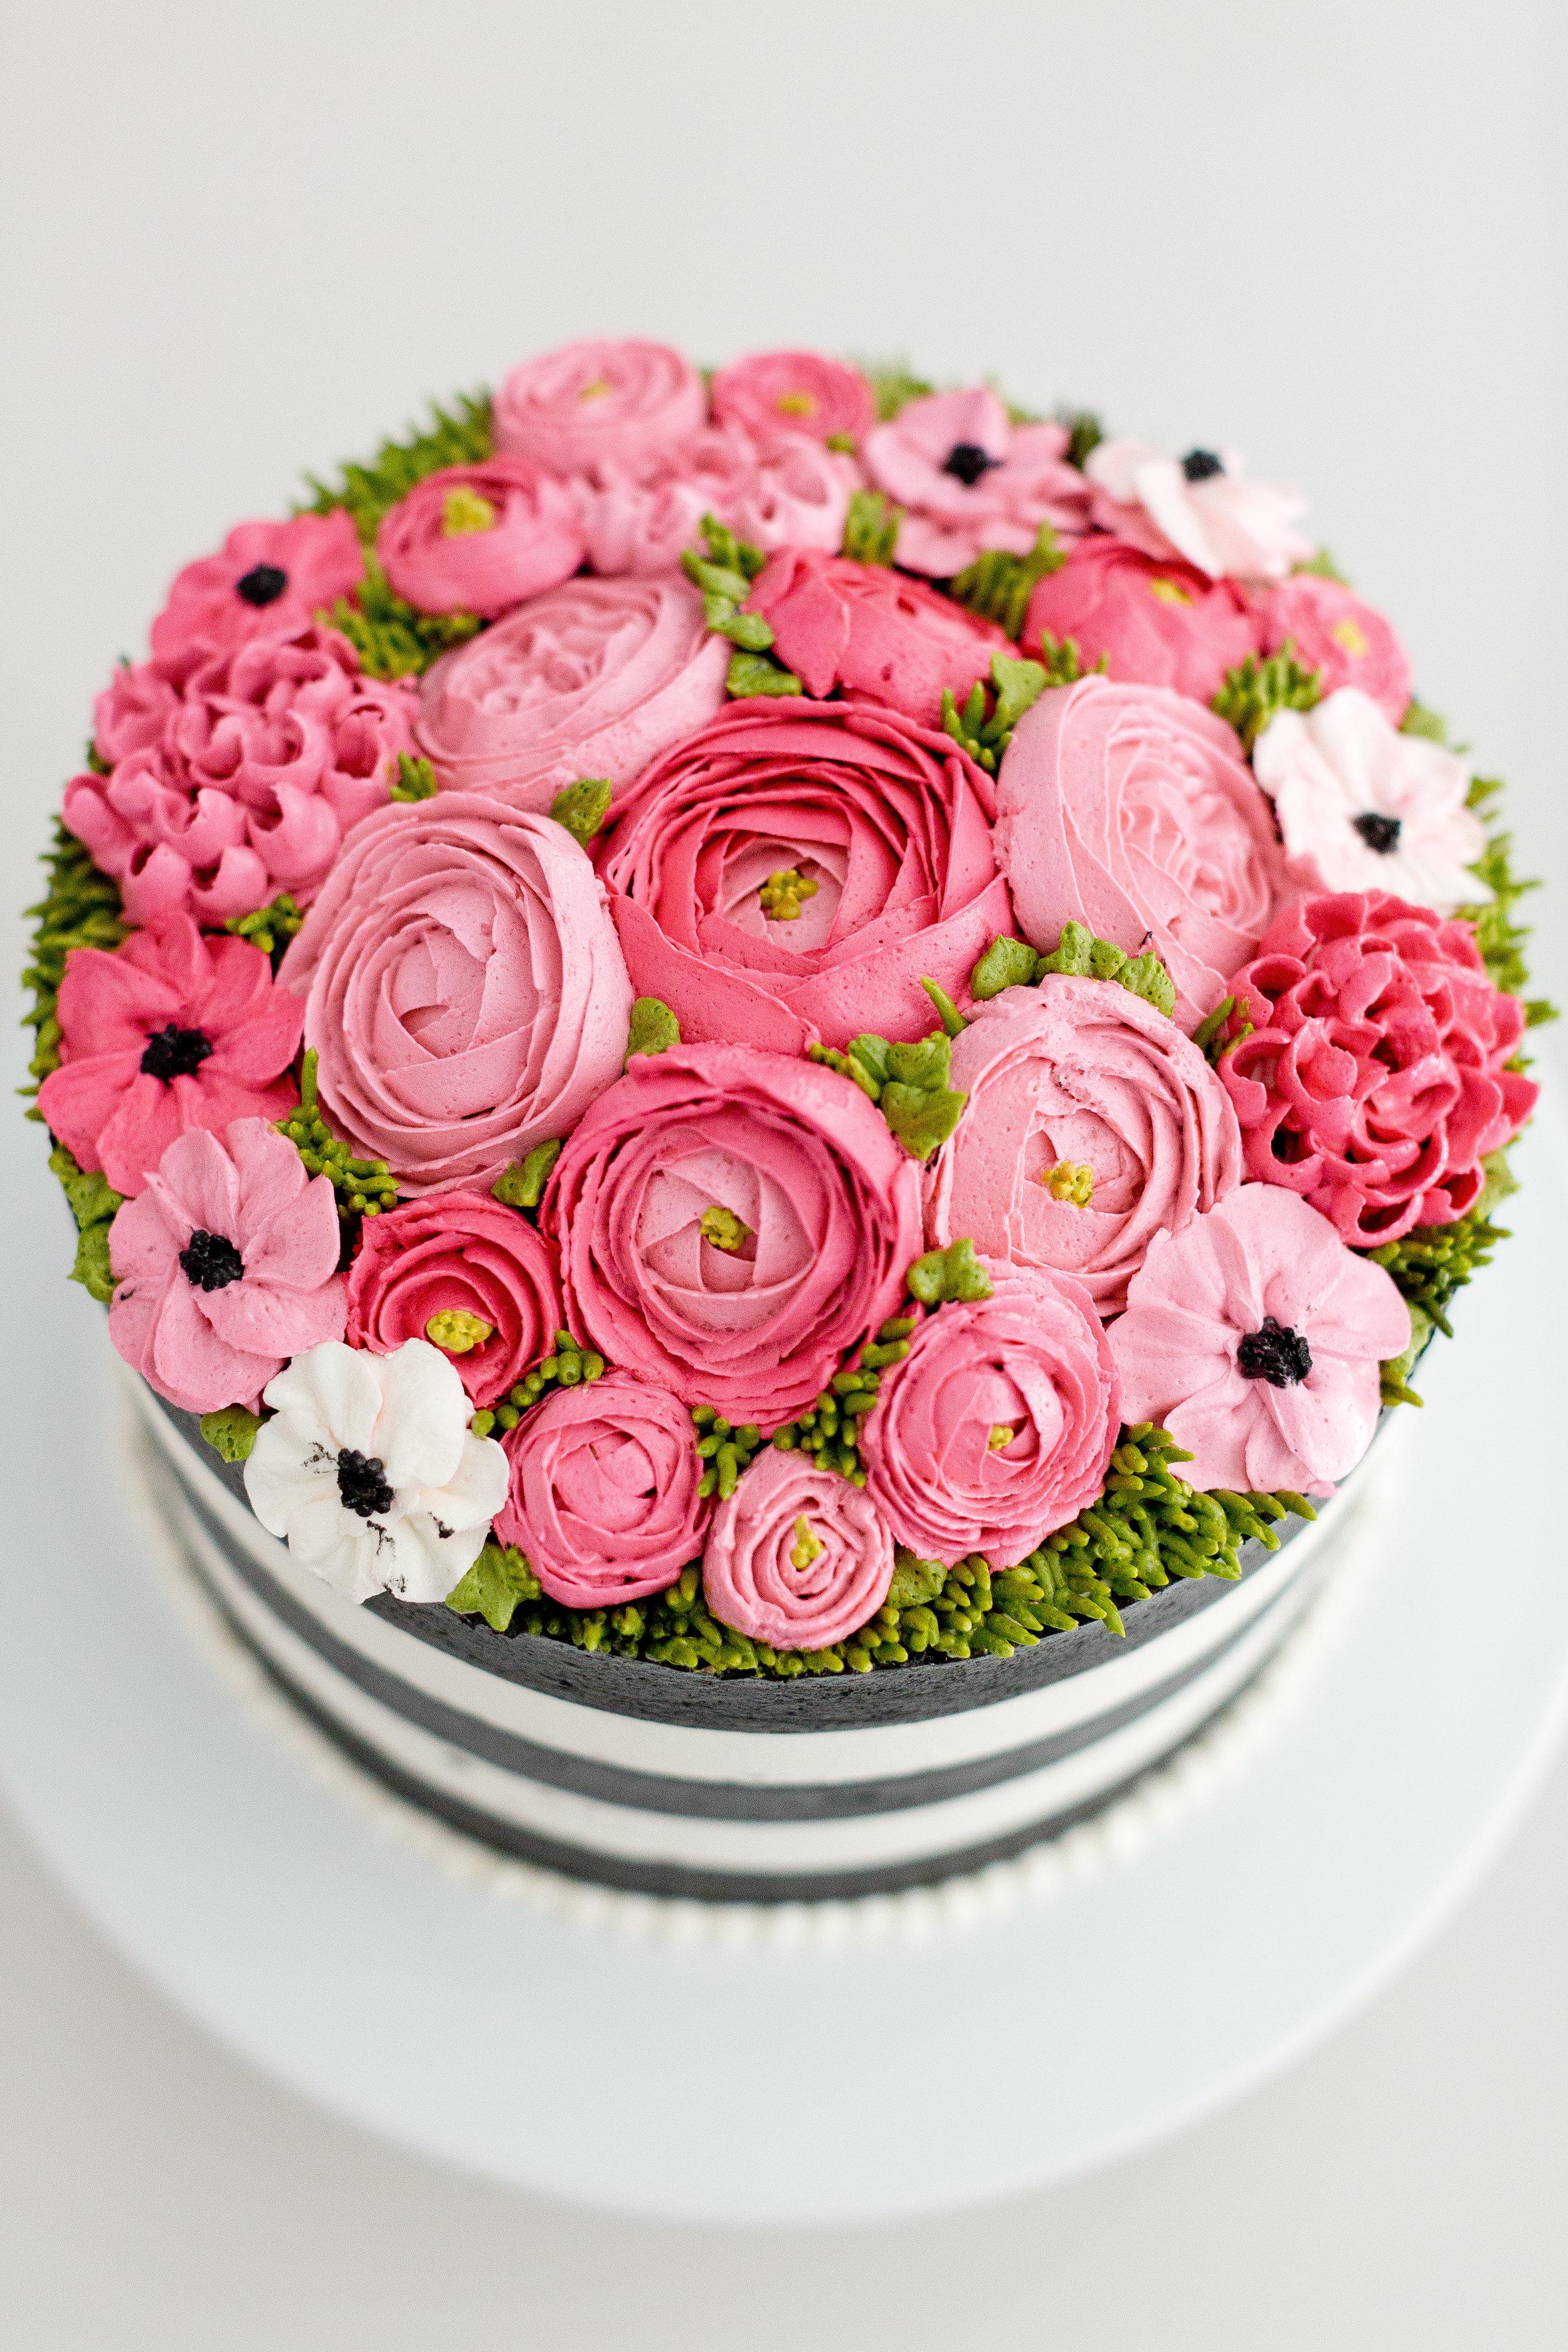 Cake She Baked-9.jpg